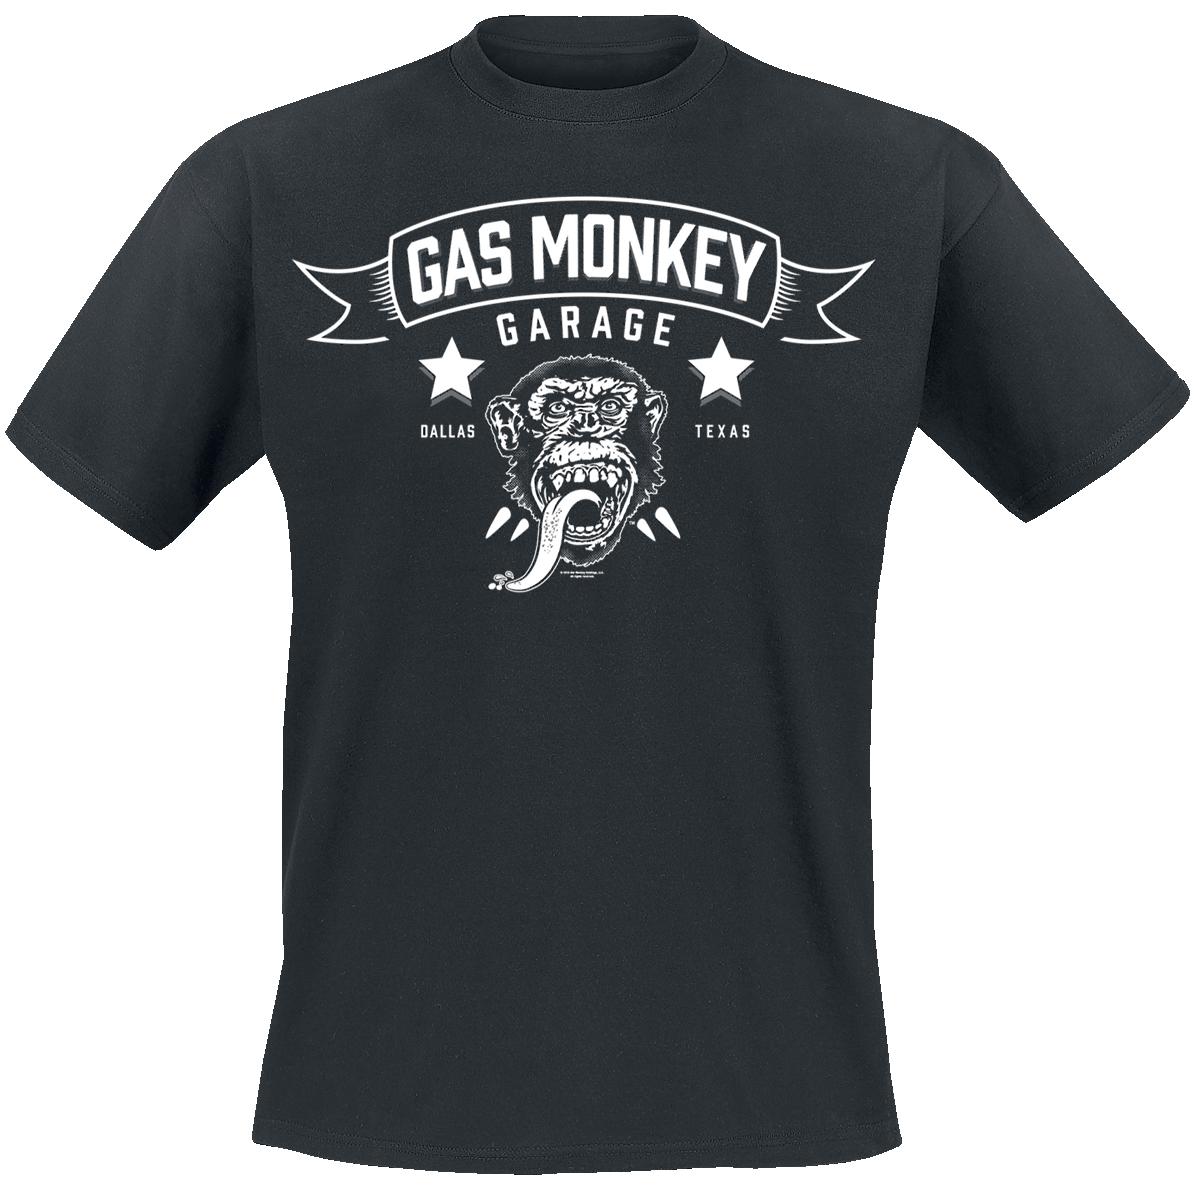 Gas Monkey Garage - Blood, Sweat & Beers - T-Shirt - black image